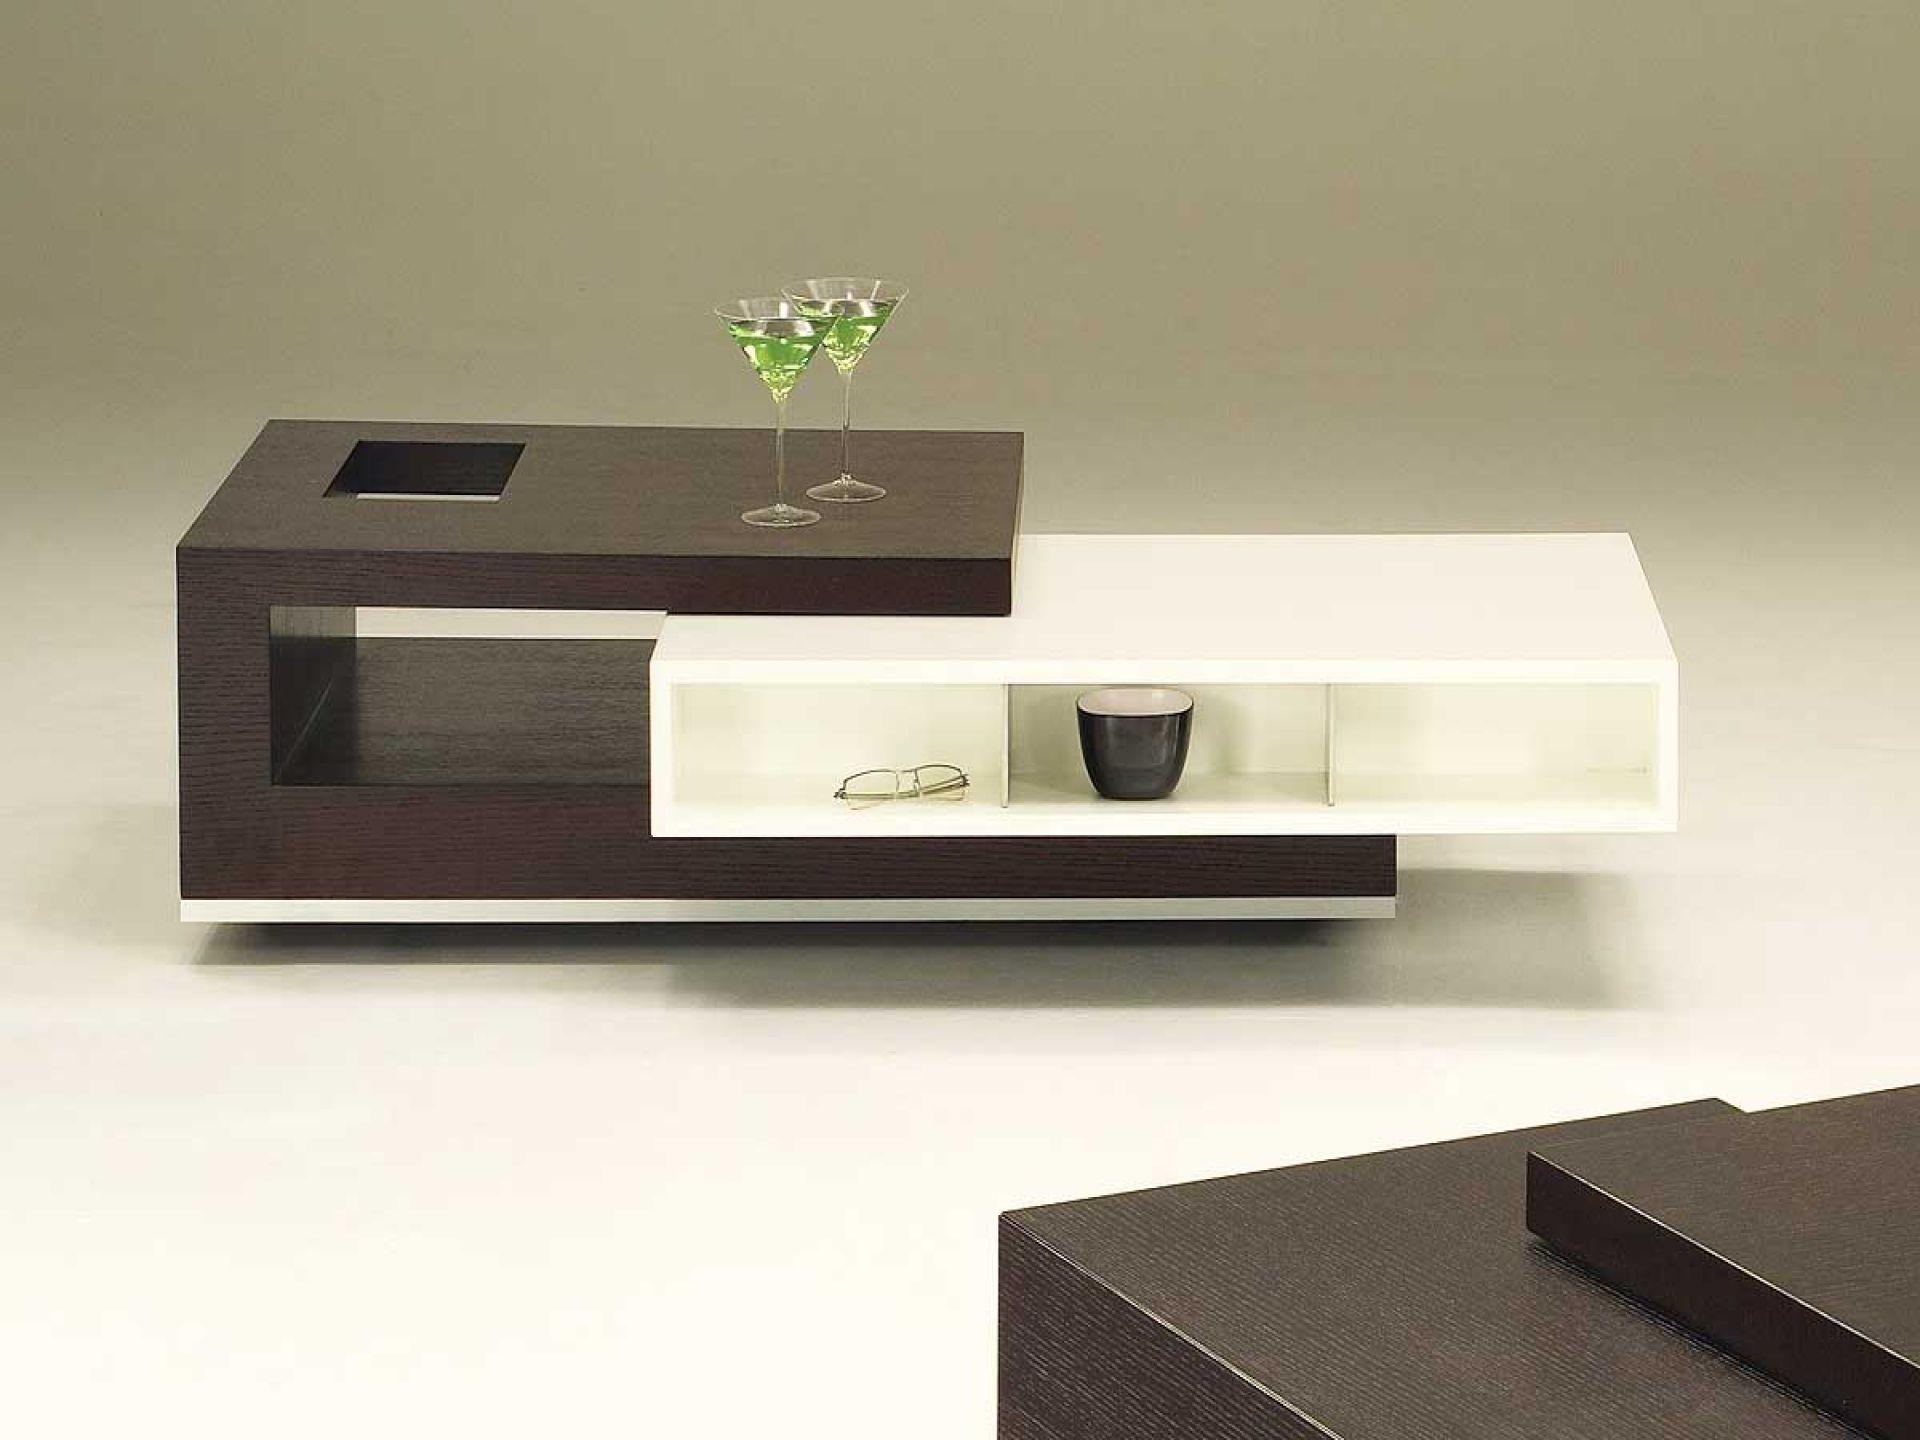 Mesas Modernas Coffee Table Design Modern Coffee Table Design Contemporary Coffee Table Design [ 1440 x 1920 Pixel ]